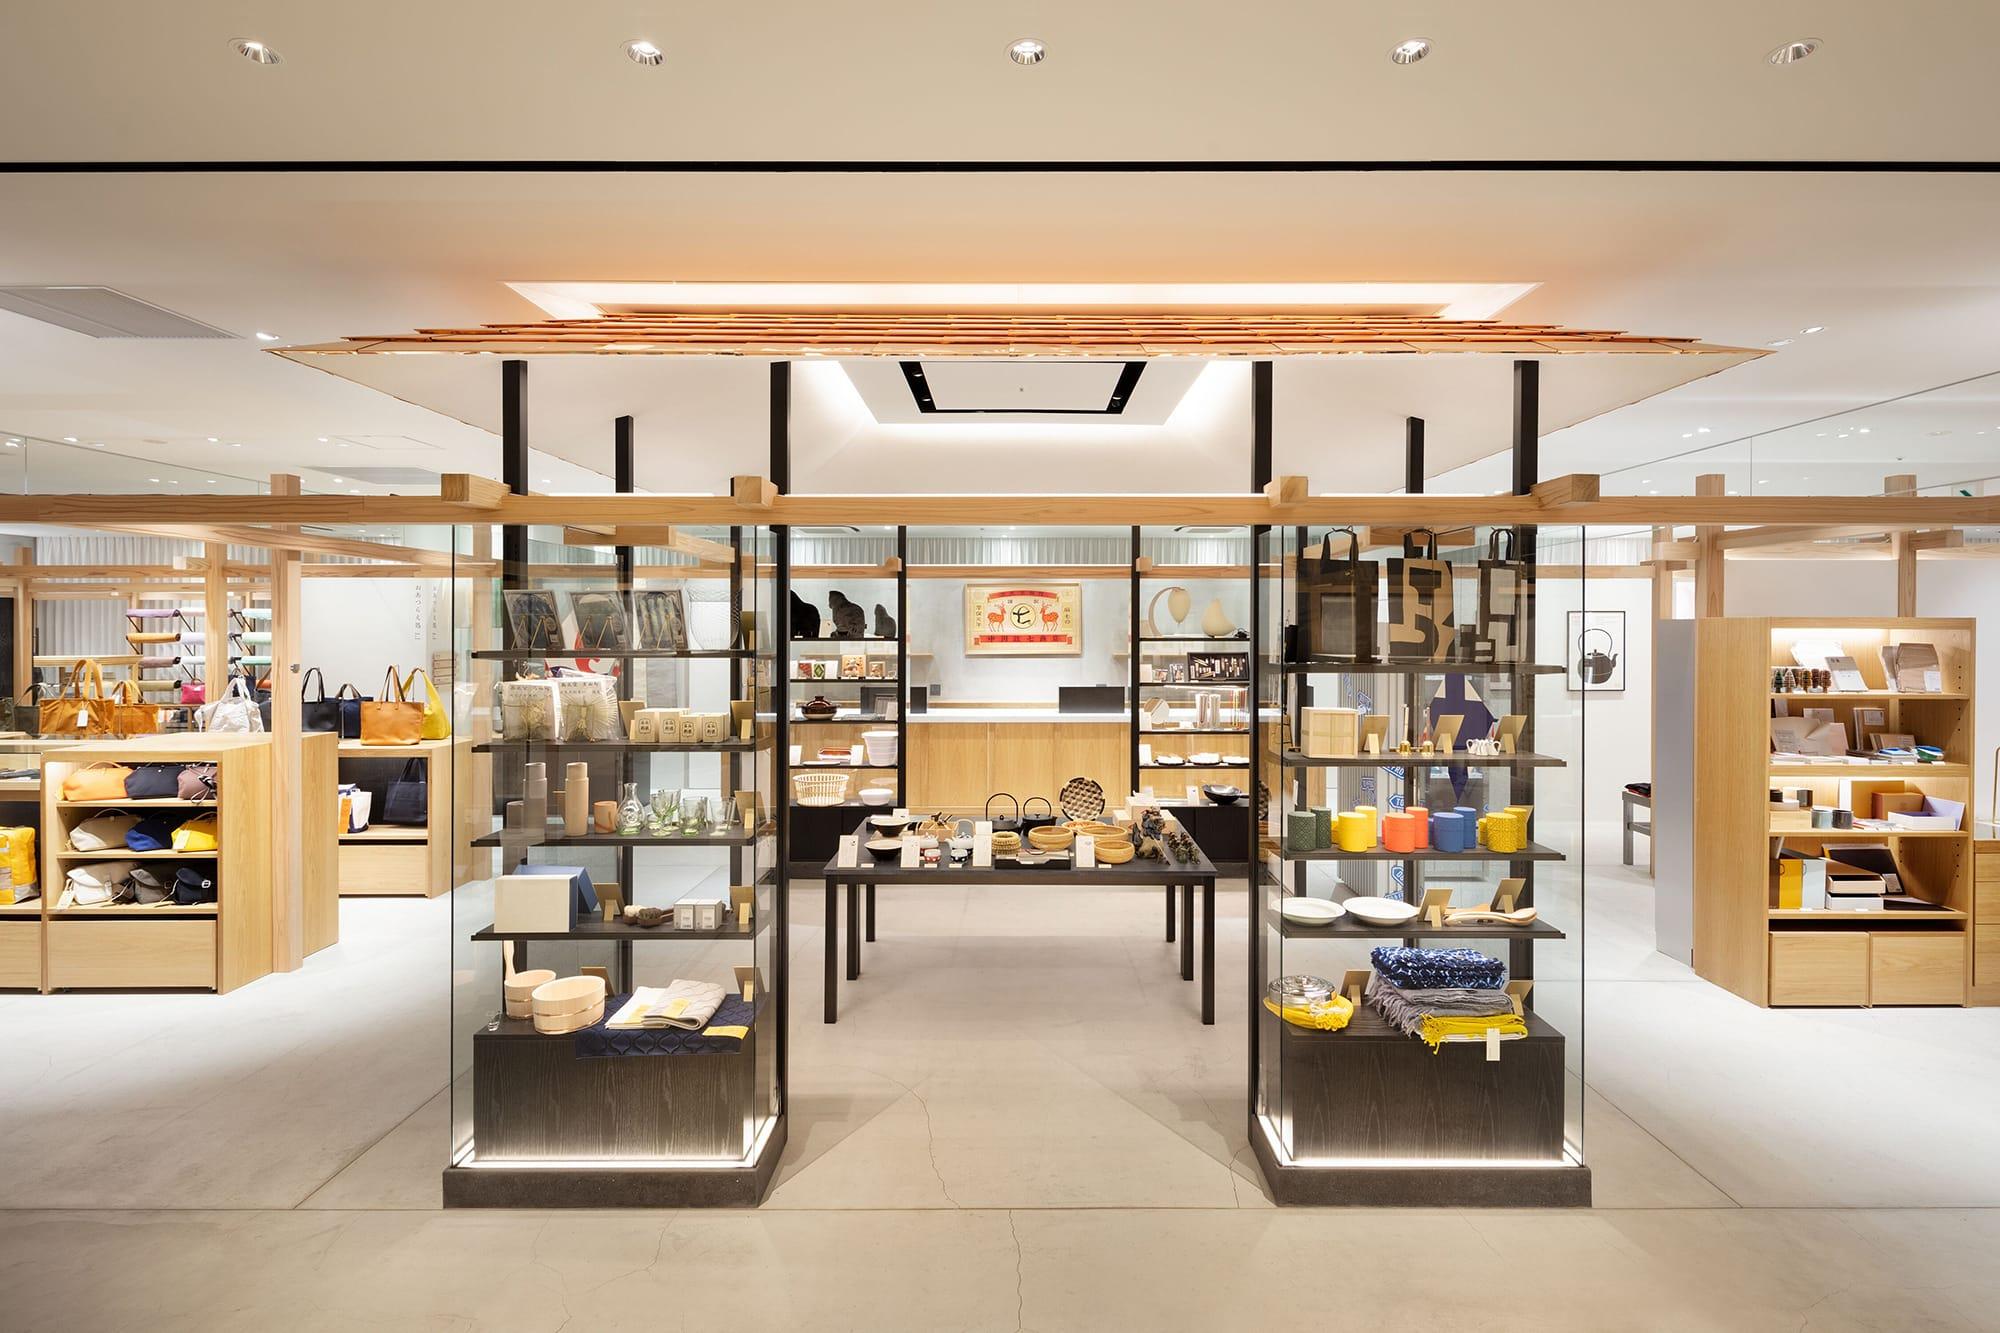 2019年11月に渋谷スクランブルスクエアにオープンした、日本最大旗艦店である「中川政七商店 渋谷店」。ここは唯一4,000点を超える中川政七商店の商品がフルラインアップで揃う。